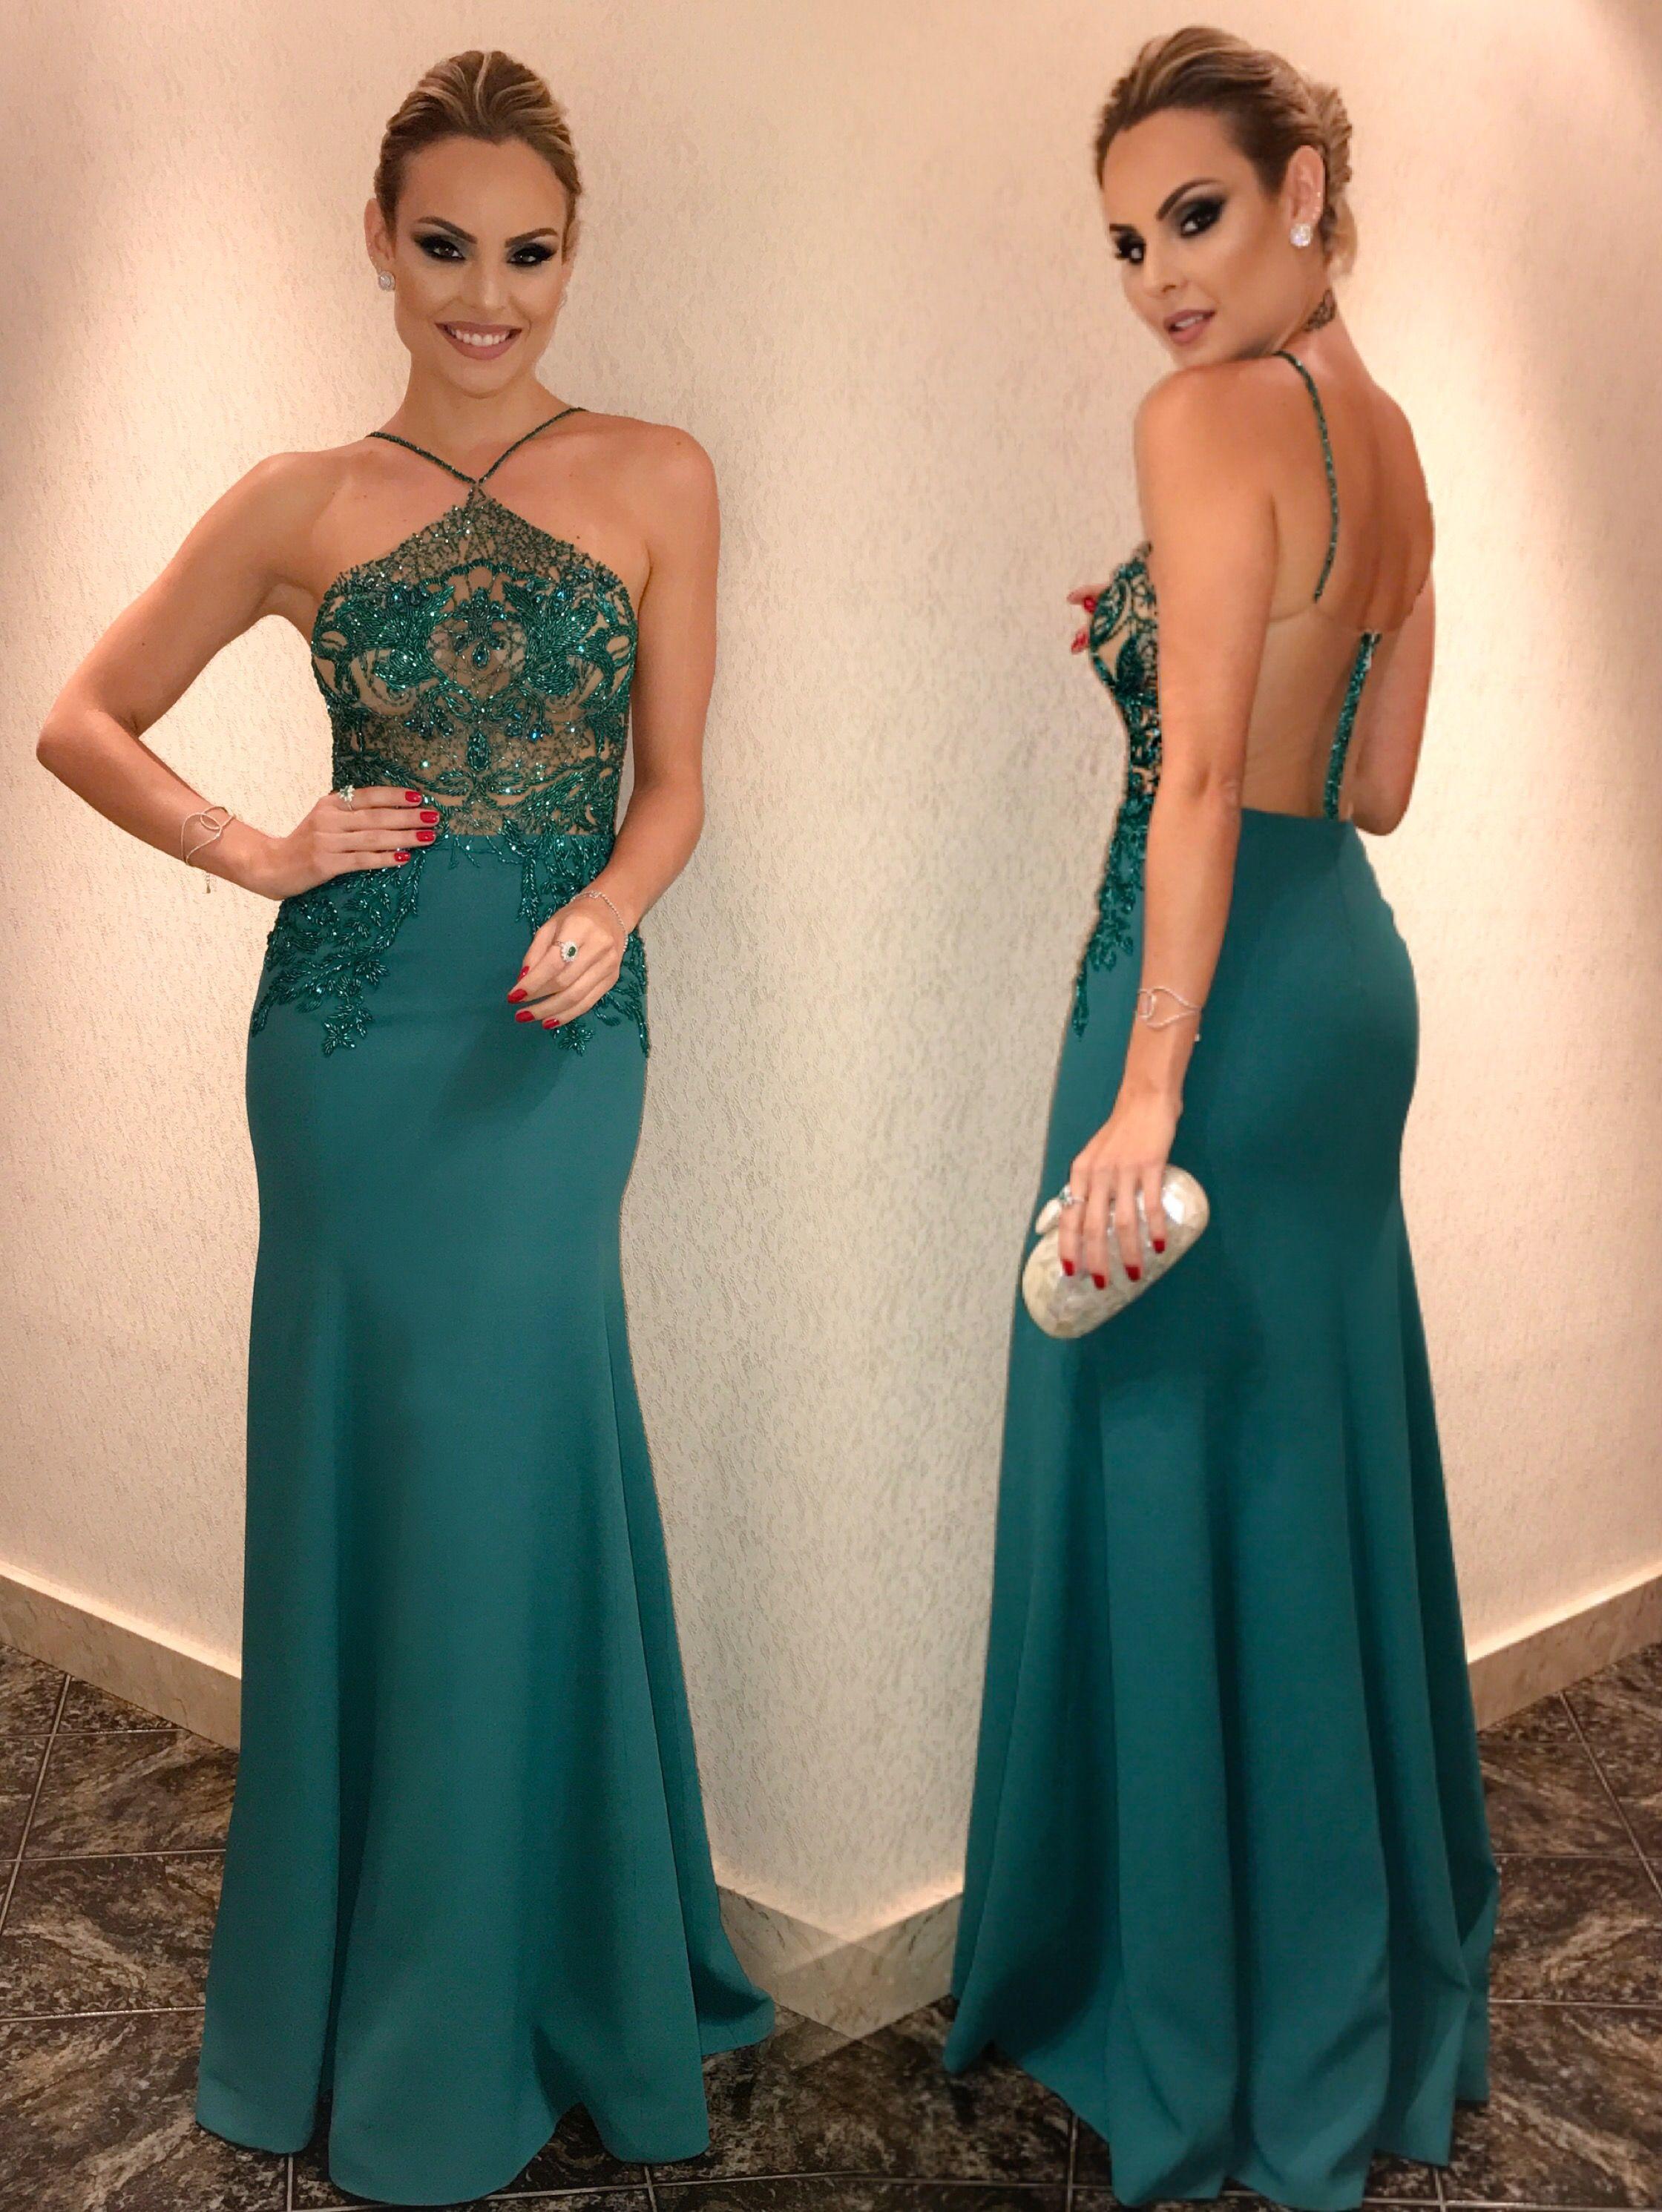 2921e16a9 Layla Casamenteira look Patrícia Bonaldi verde com renda bordada frente e  costas